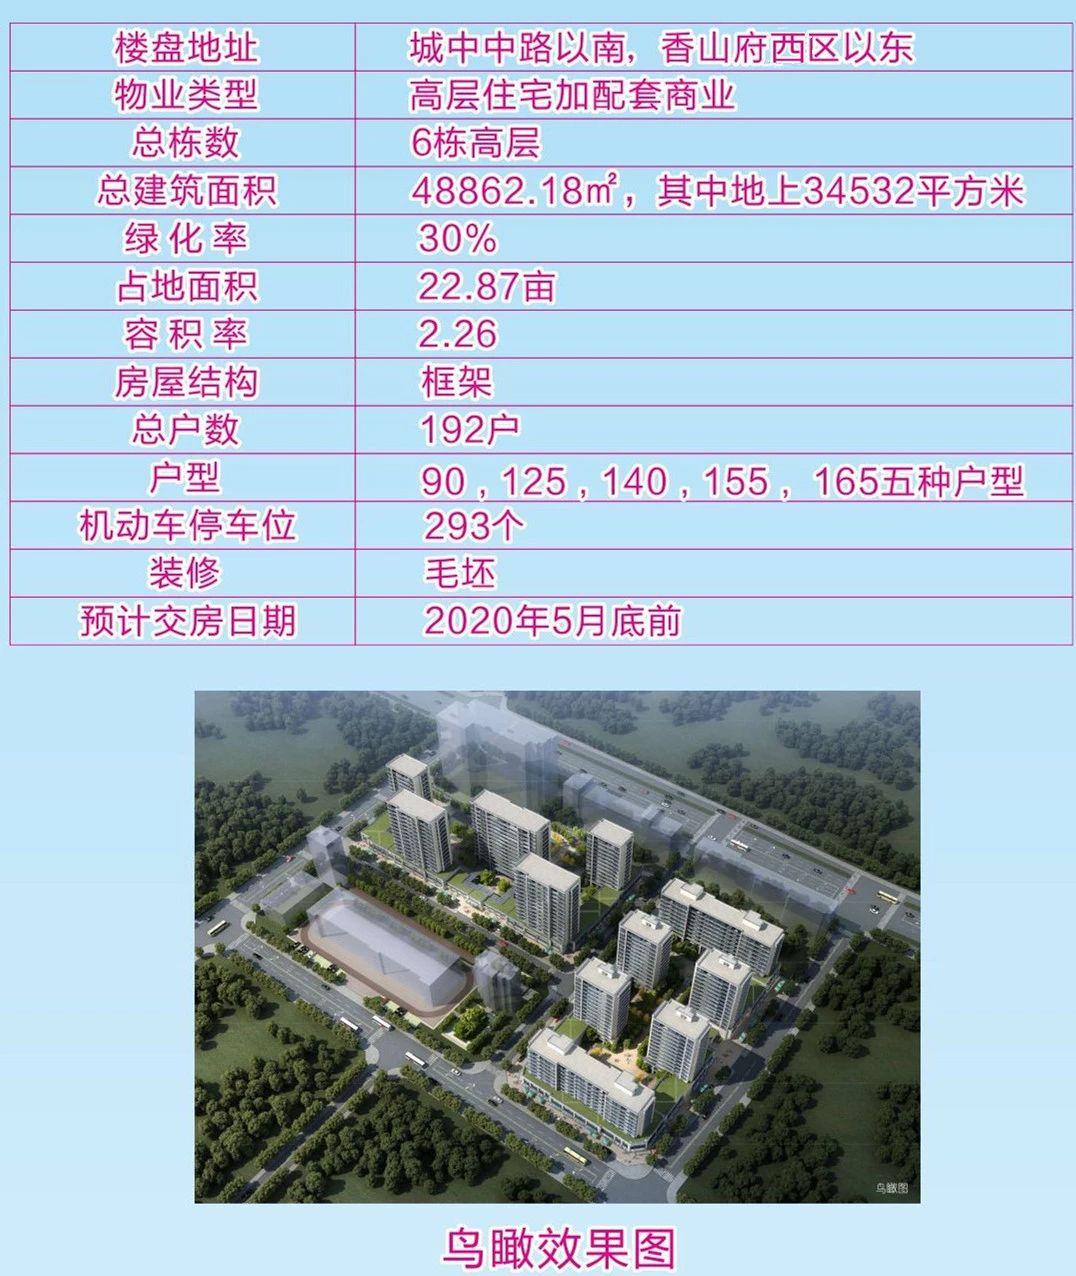 义乌香悦府东区小区平面图